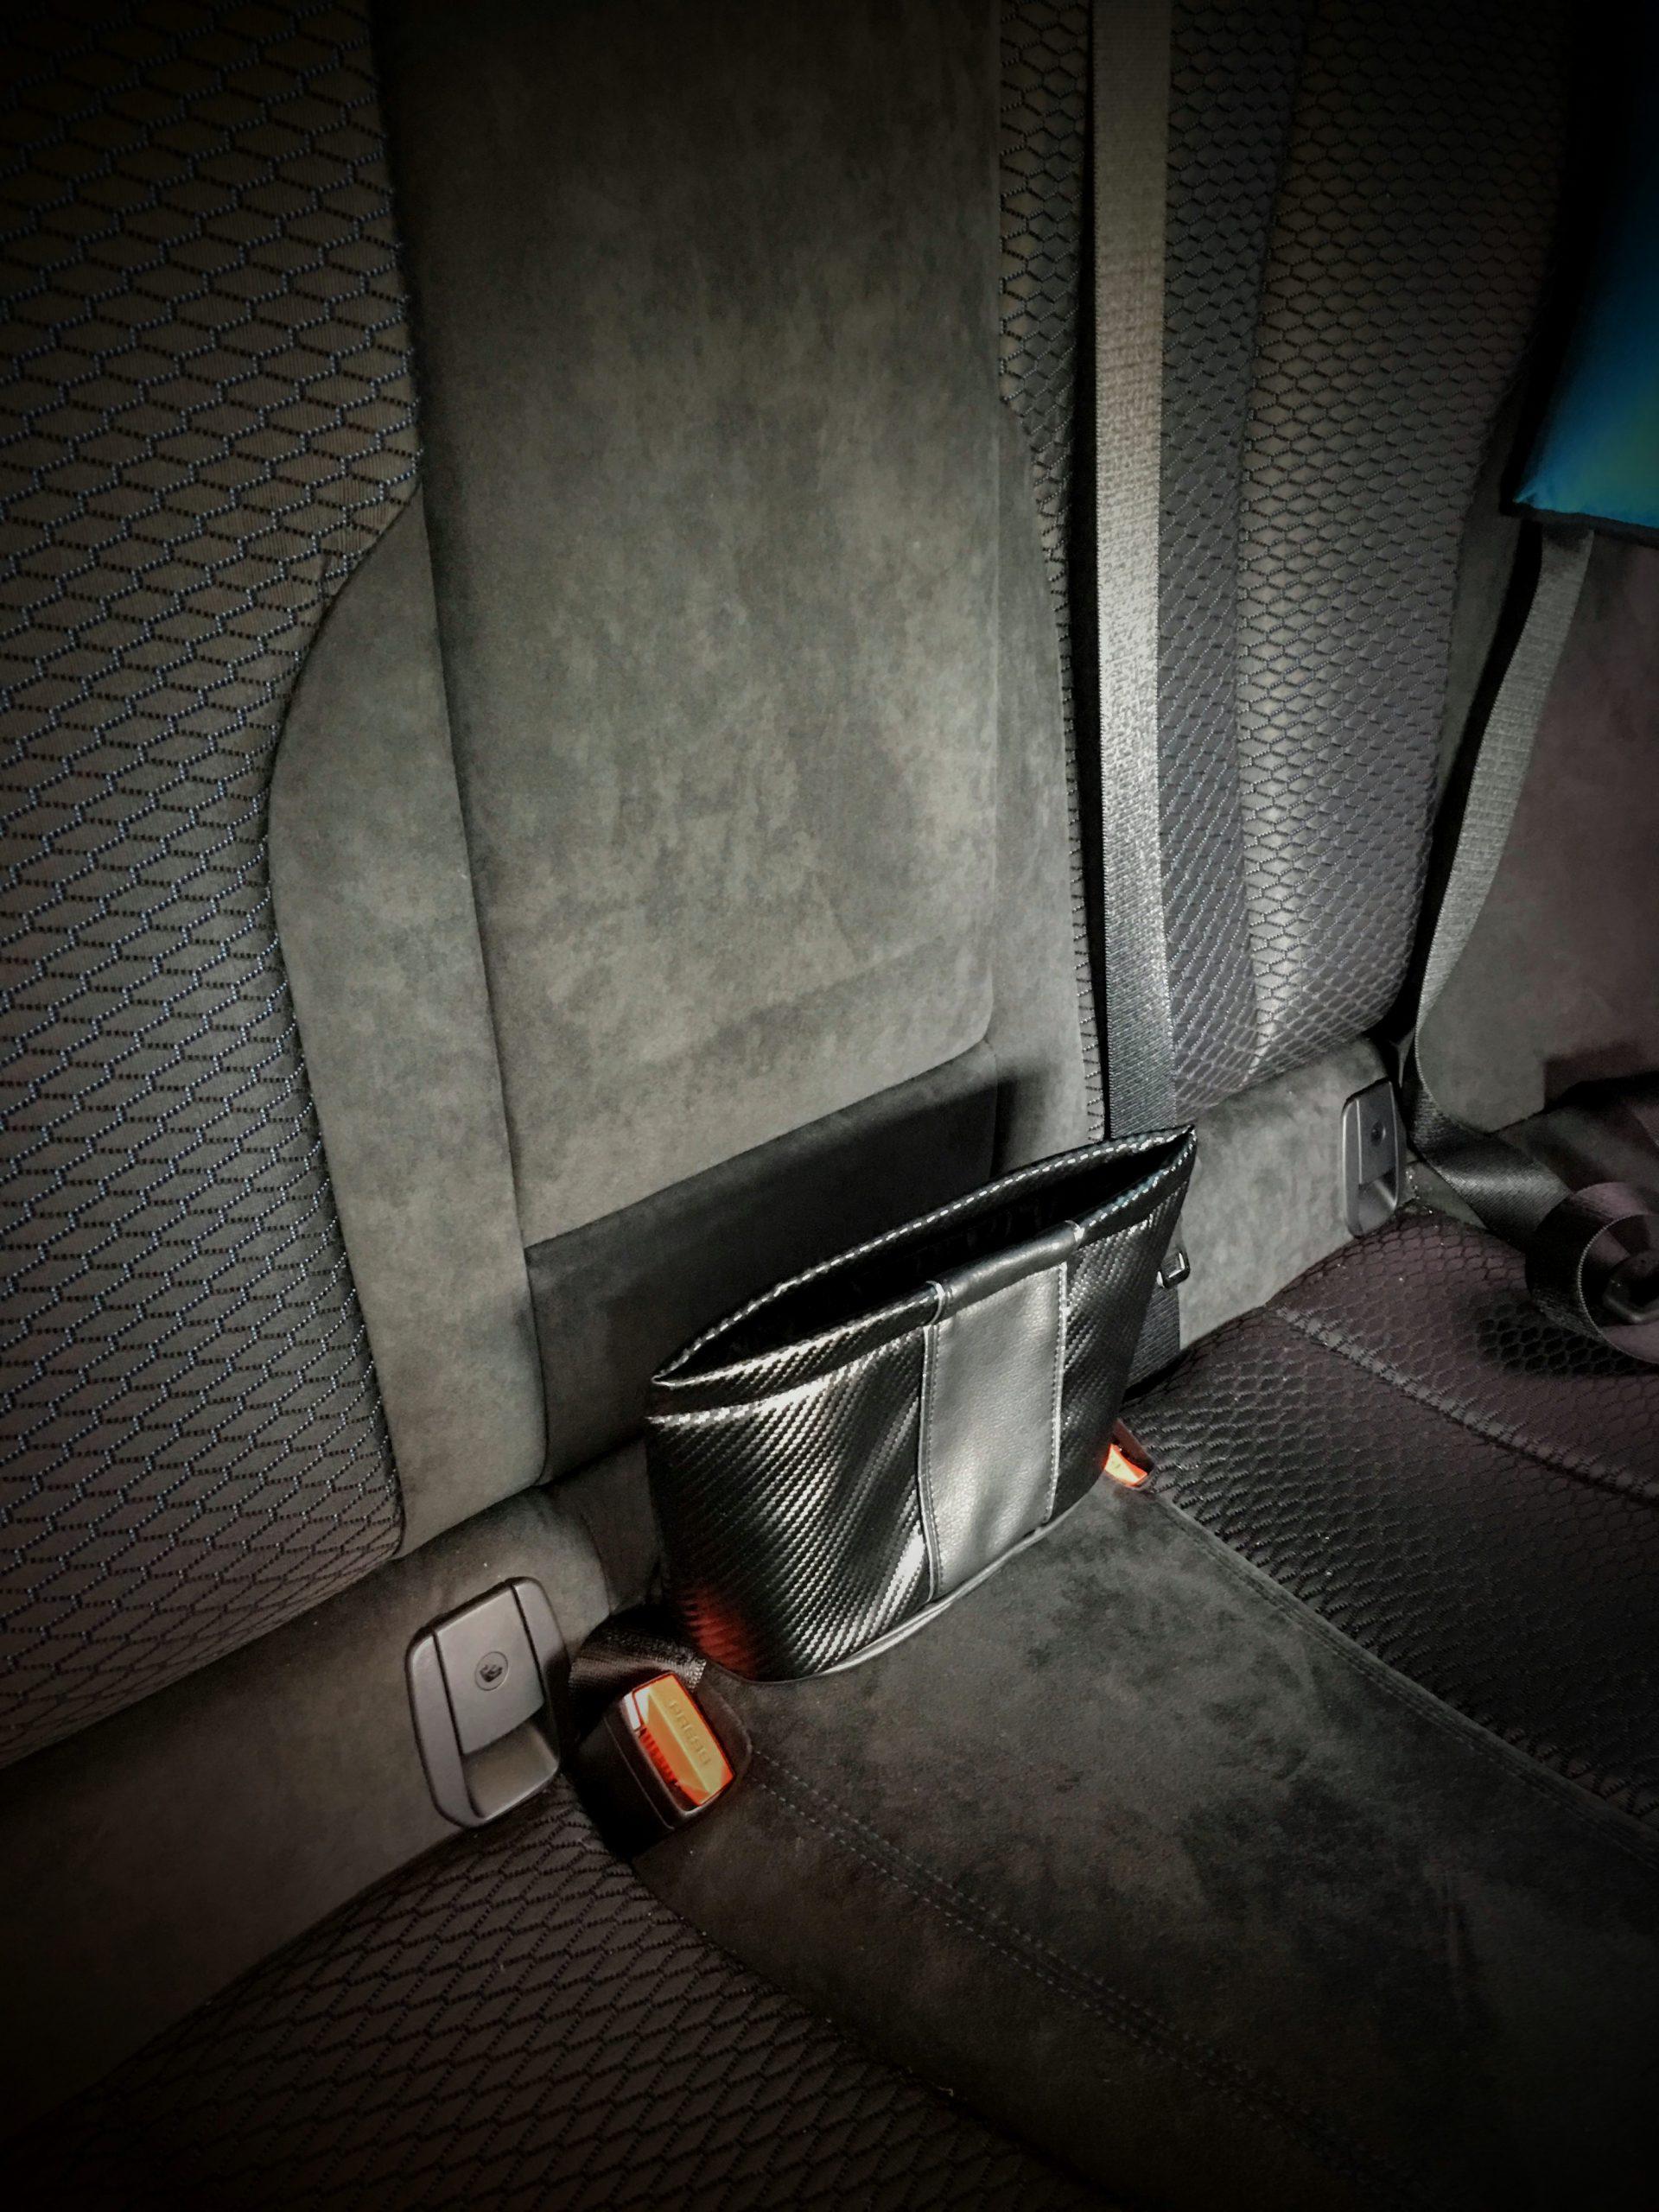 【BMW420i GC】スリムなゴミ箱・小物入れをイエローハットで買ってきました^^;